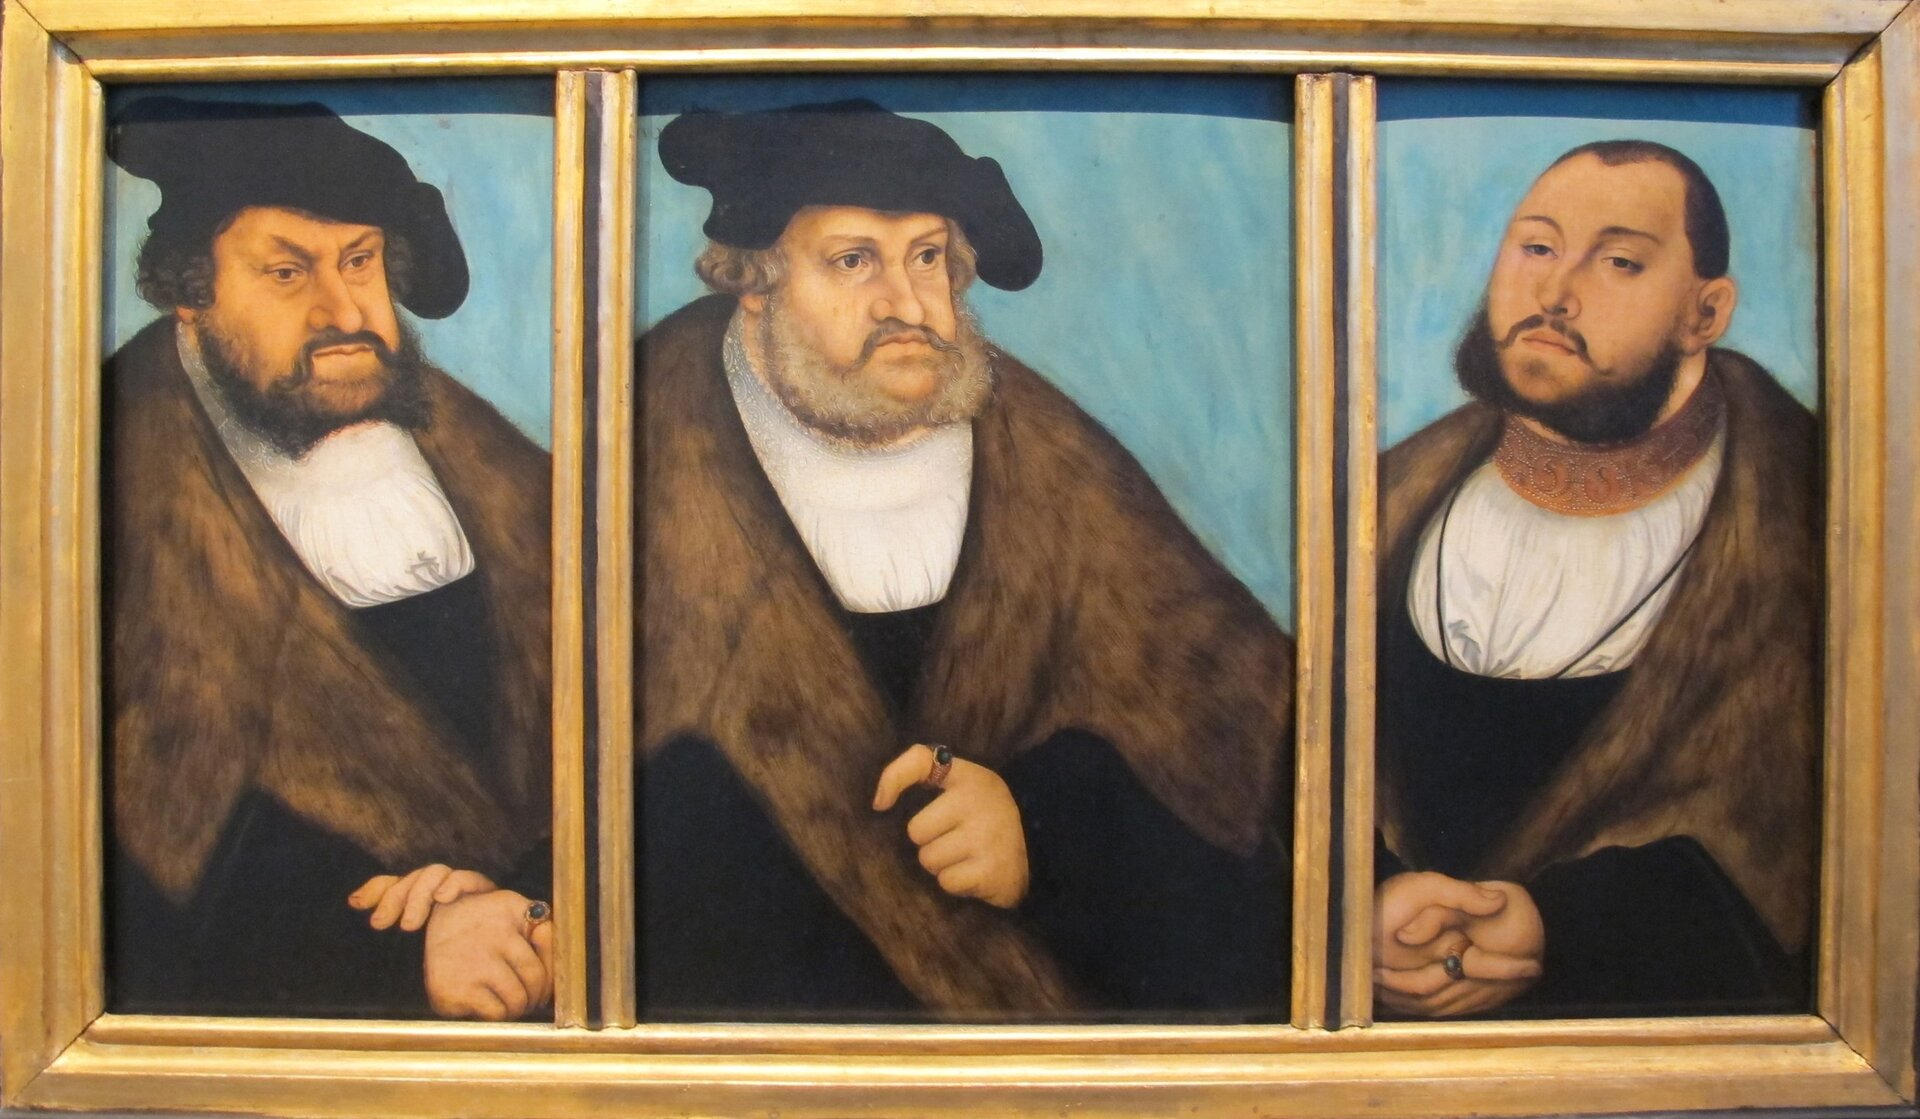 Elektorzy sascy – protektorzy luteranizmu – wśrodku Fryderyk Mądry(1486-1525), po lewej Jan Stały (1525-1532), po prawej Jan Fryderyk Wspaniałomyślny (1532-1547) Elektorzy sascy – protektorzy luteranizmu – wśrodku Fryderyk Mądry(1486-1525), po lewej Jan Stały (1525-1532), po prawej Jan Fryderyk Wspaniałomyślny (1532-1547) Źródło: sailko , Lucas Cranach Starszy, ok. 1532, malarstwo na buku, Germanisches Nationalmuseum, licencja: CC BY-SA 3.0.